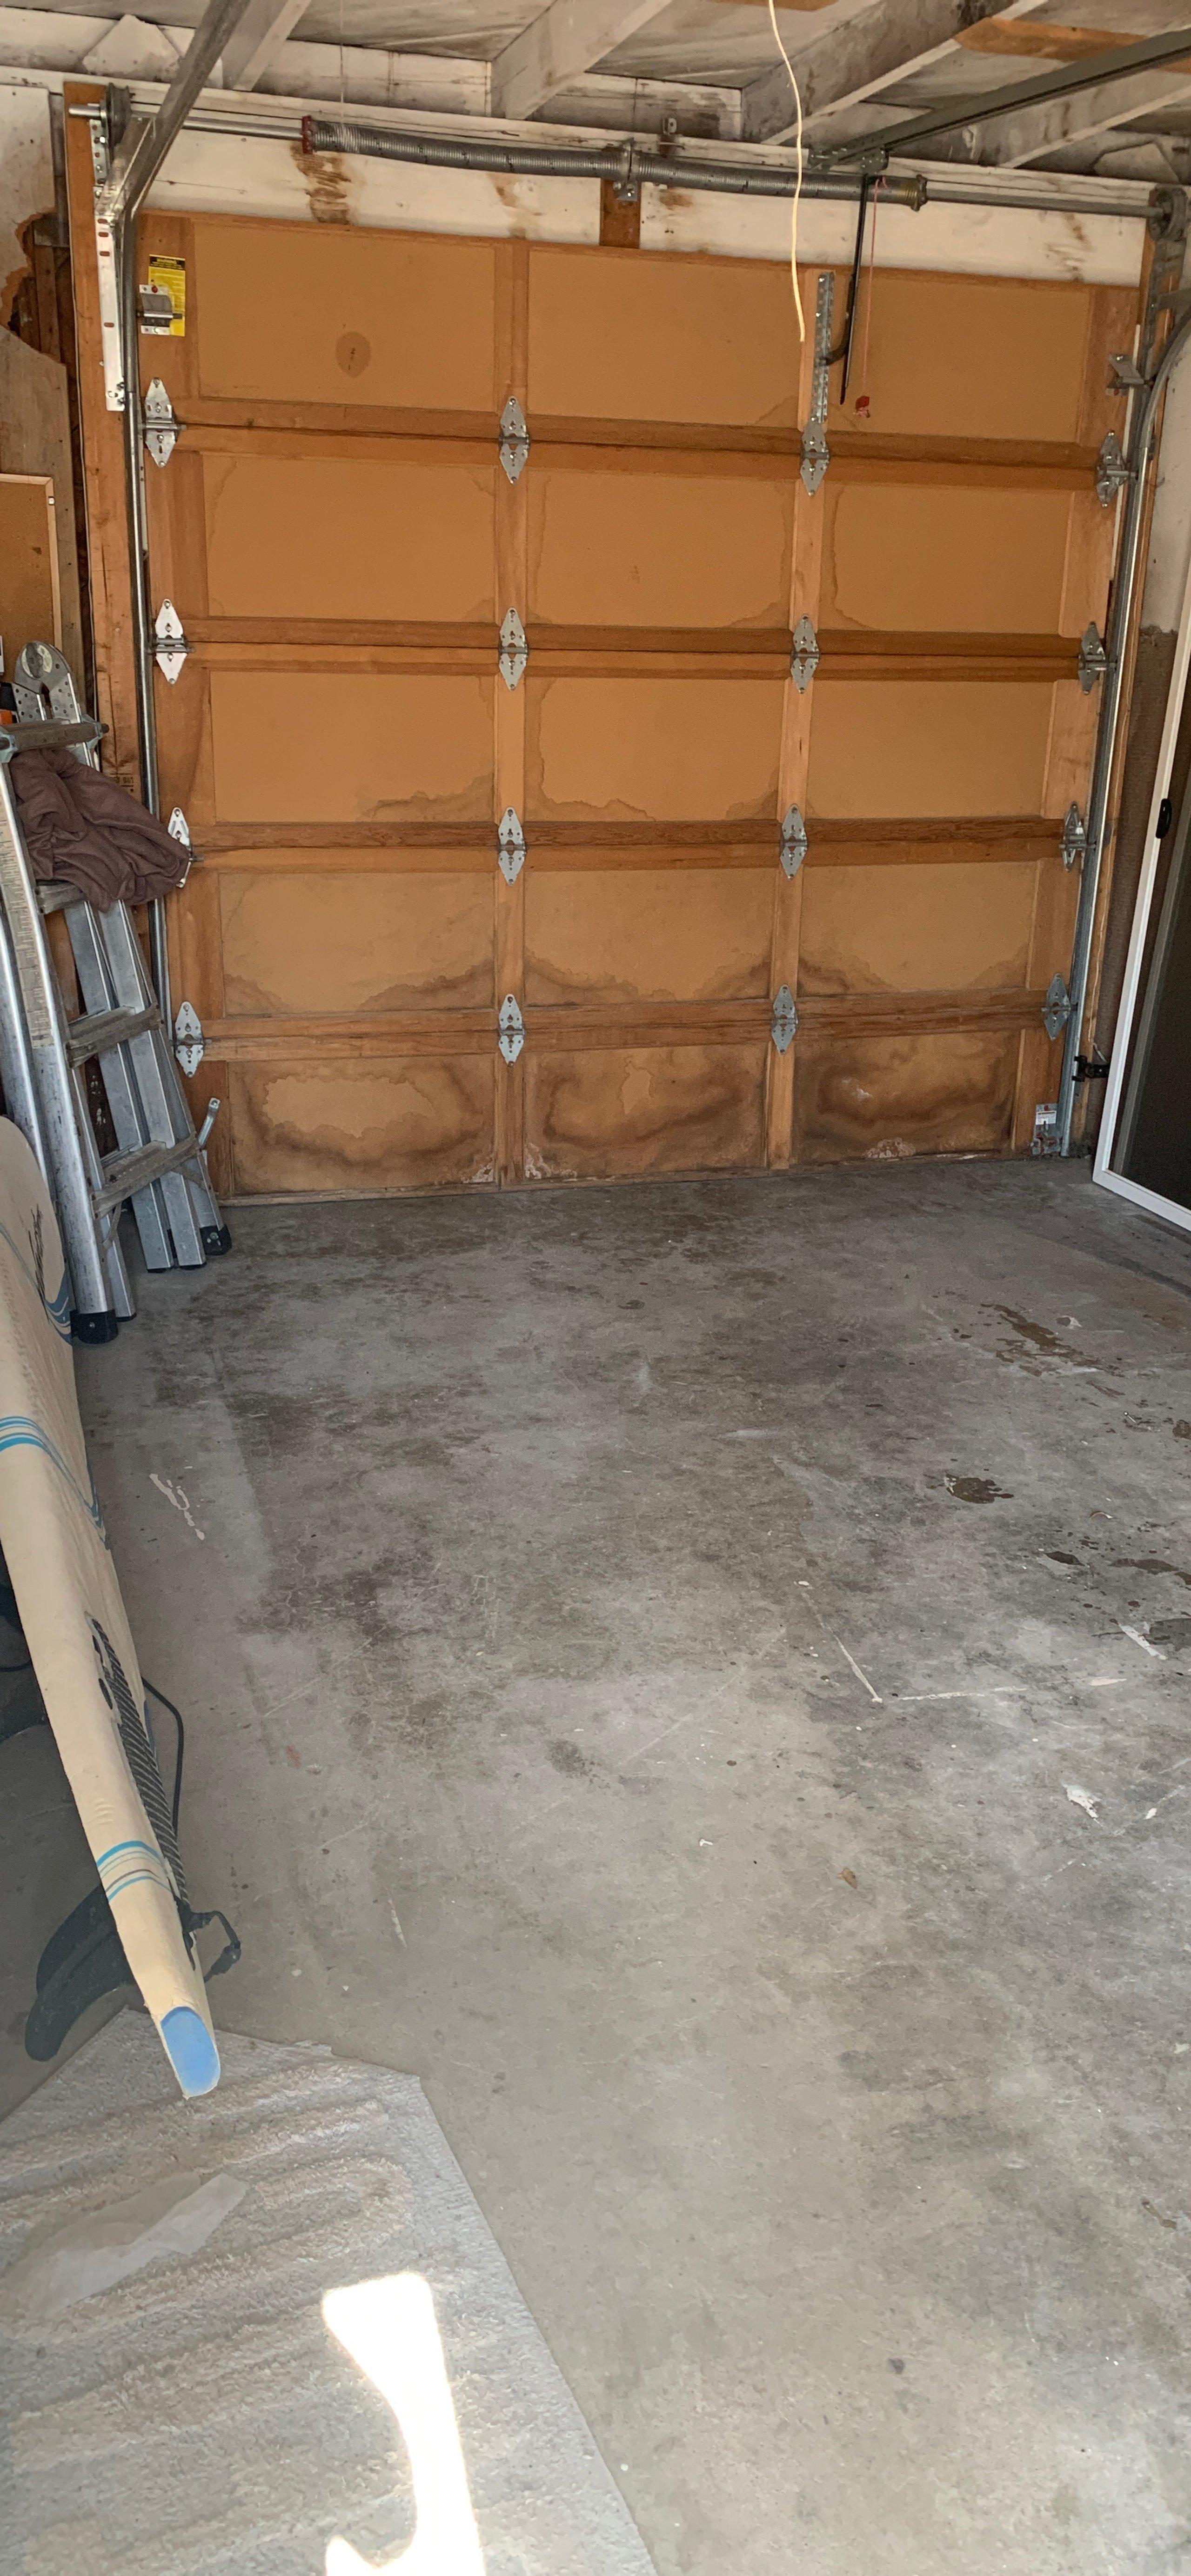 16x9 Garage self storage unit